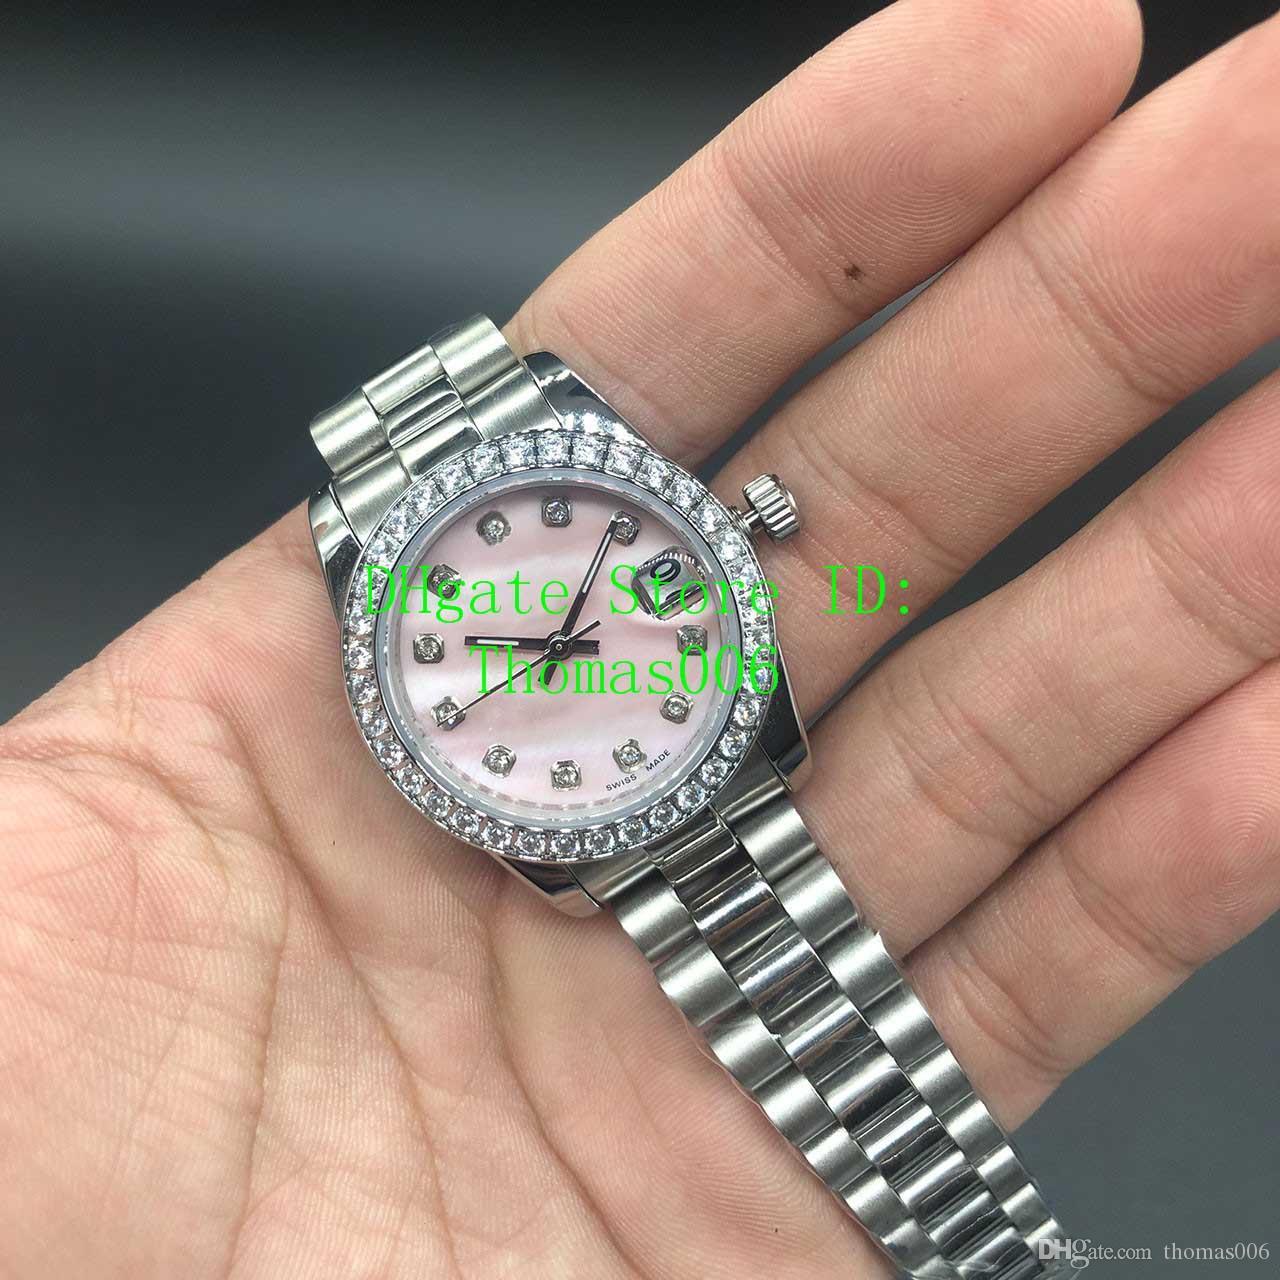 Datejust Uhren Diamant Mark Pink Shell Dial Frauen Edelstahl Uhren Damen automatische Armbanduhr Valentine bestes Geschenk 31mm